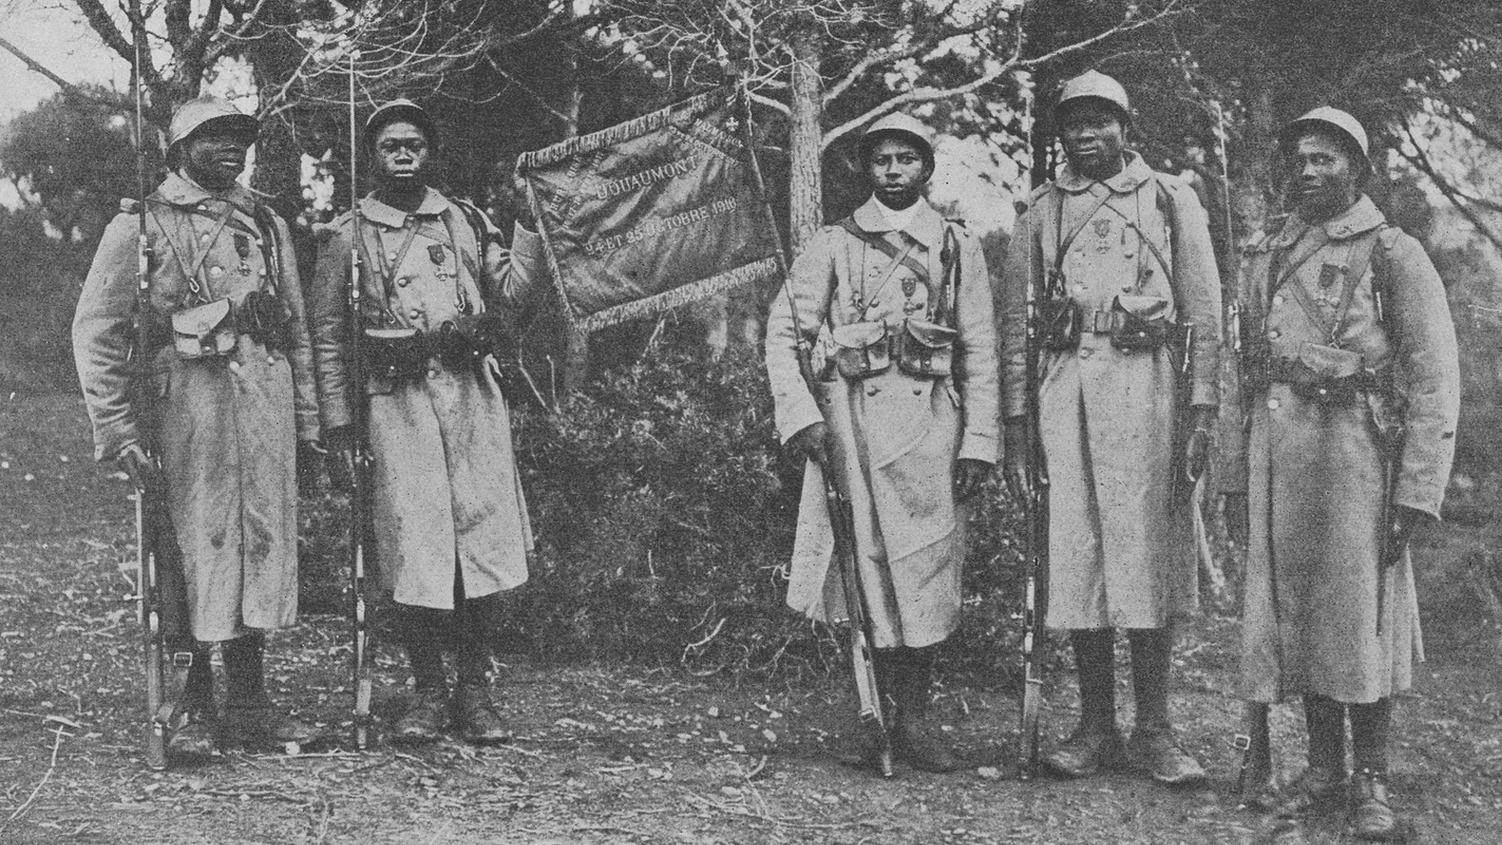 Fanion du 43e bataillon de tirailleurs sénégalais portant l'inscription Douaumont 1916